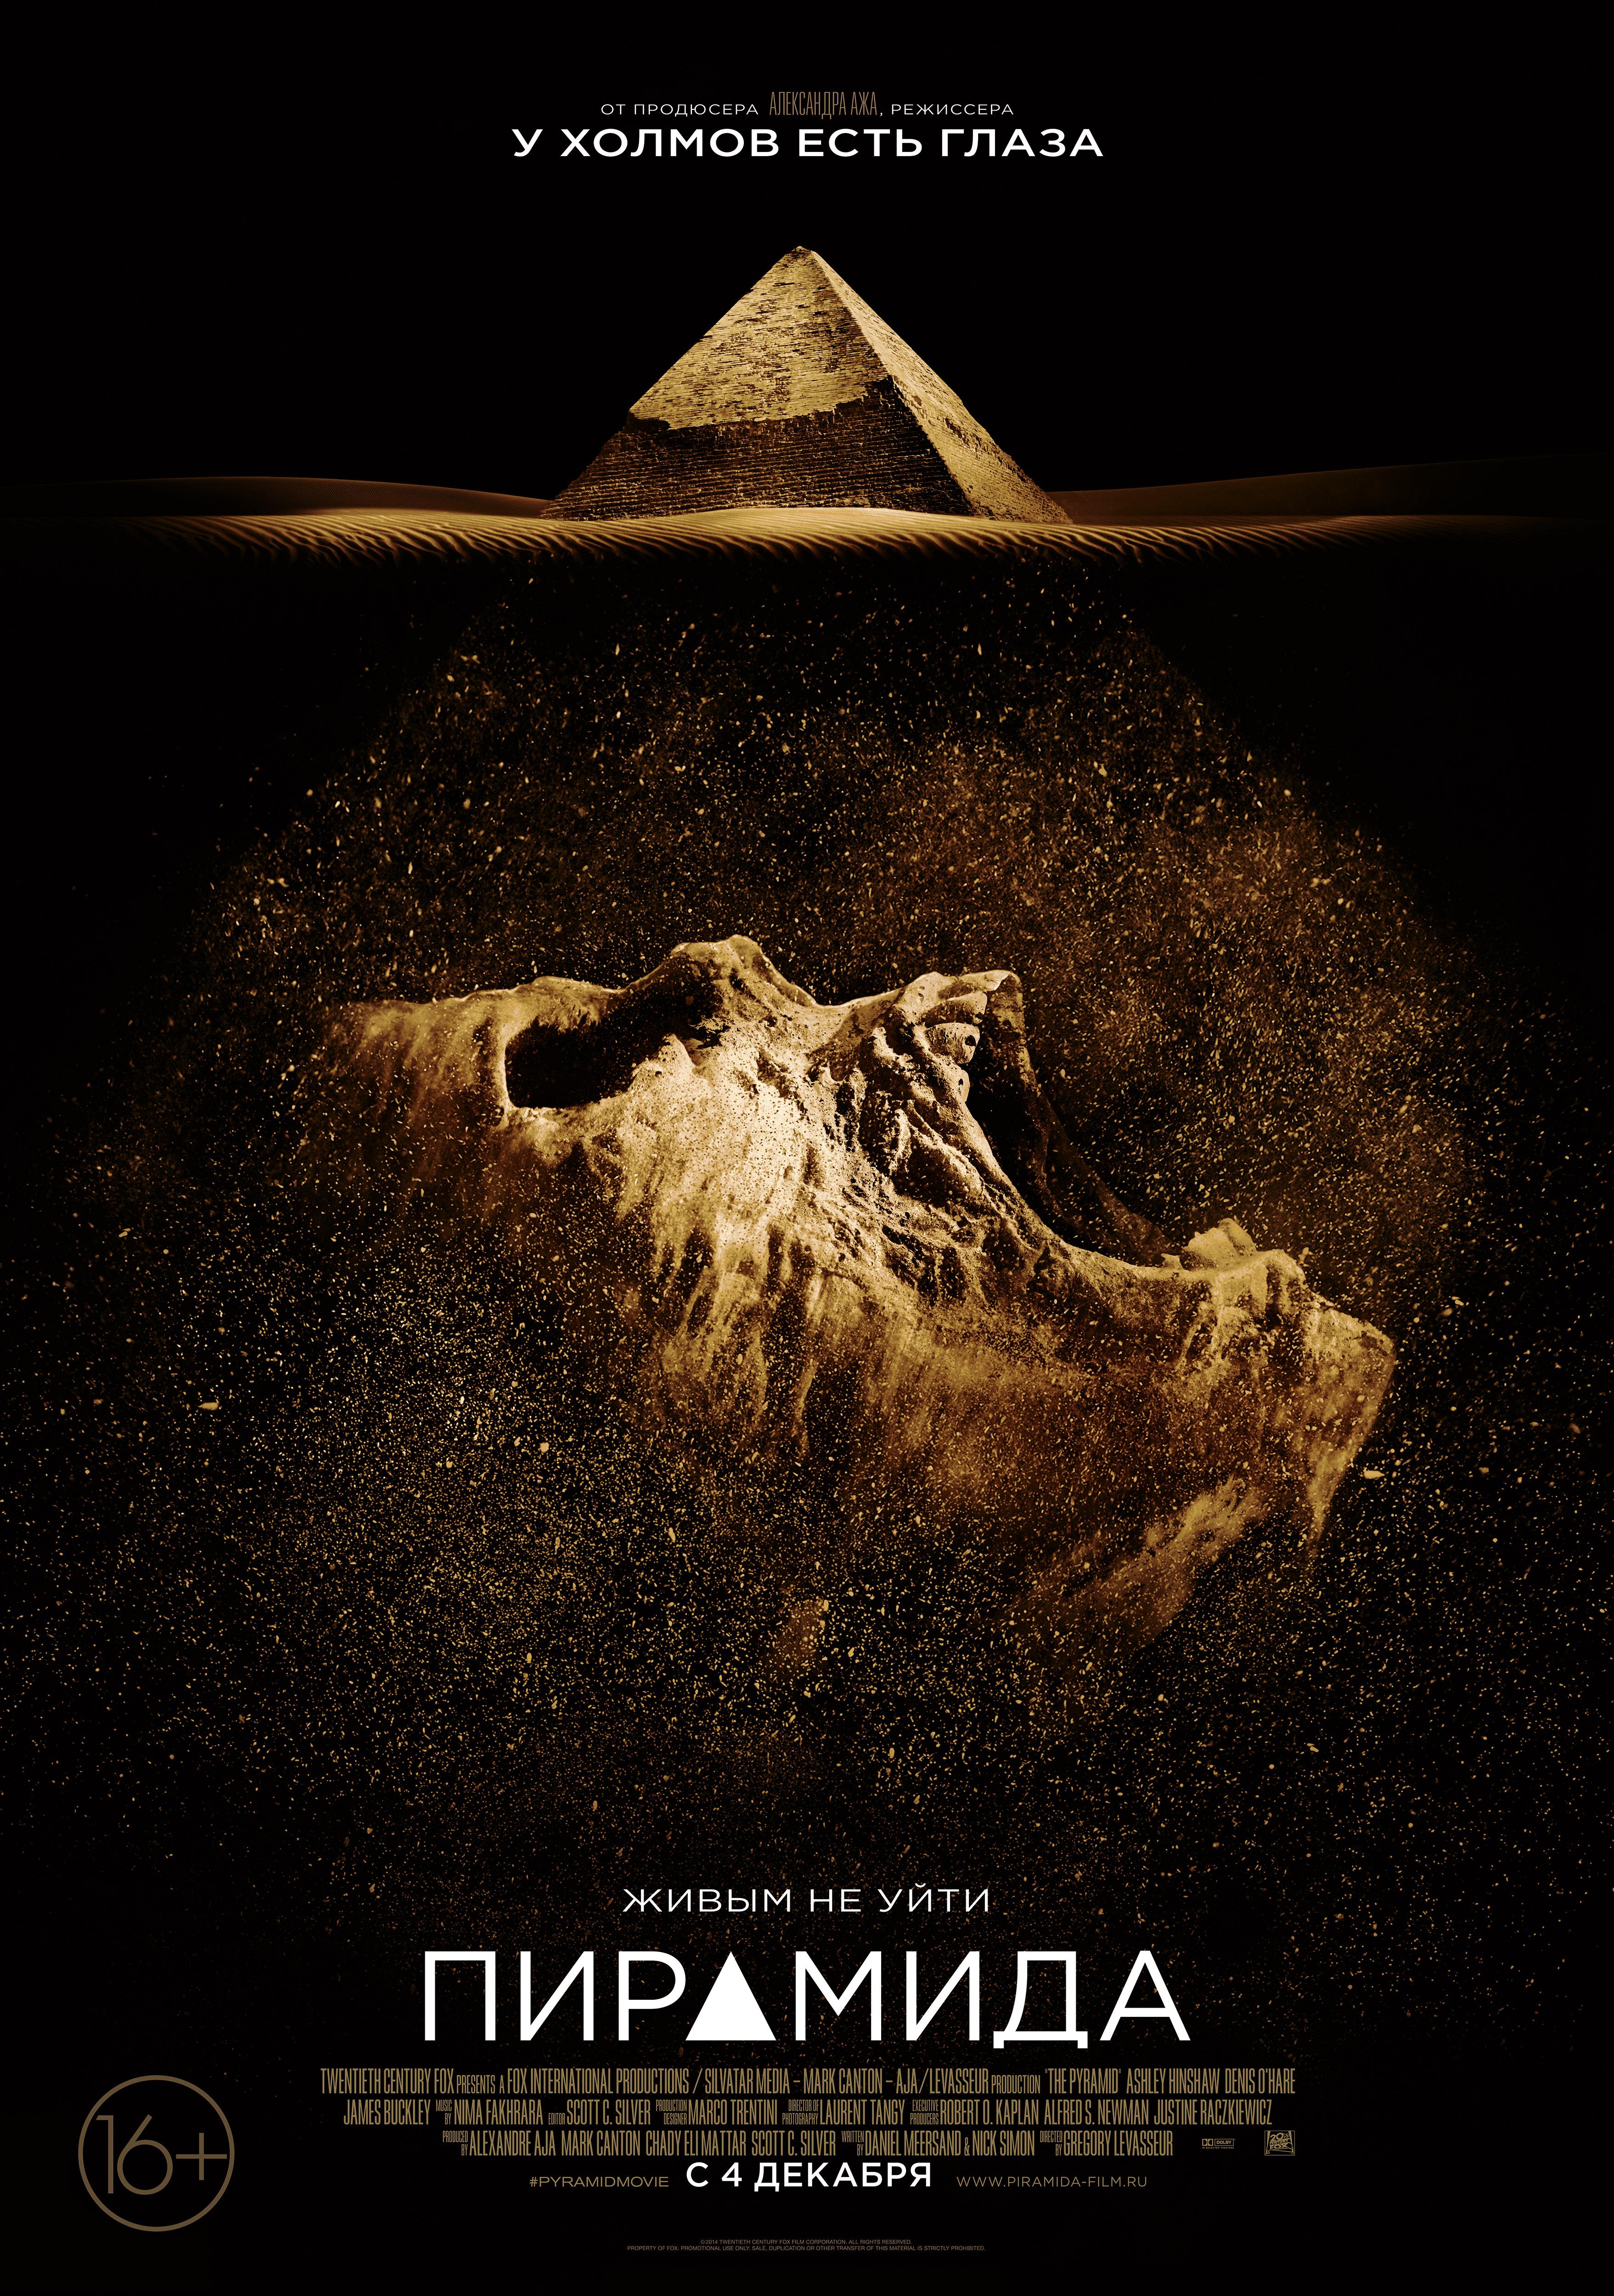 плакат фильма постер локализованные Пирамида